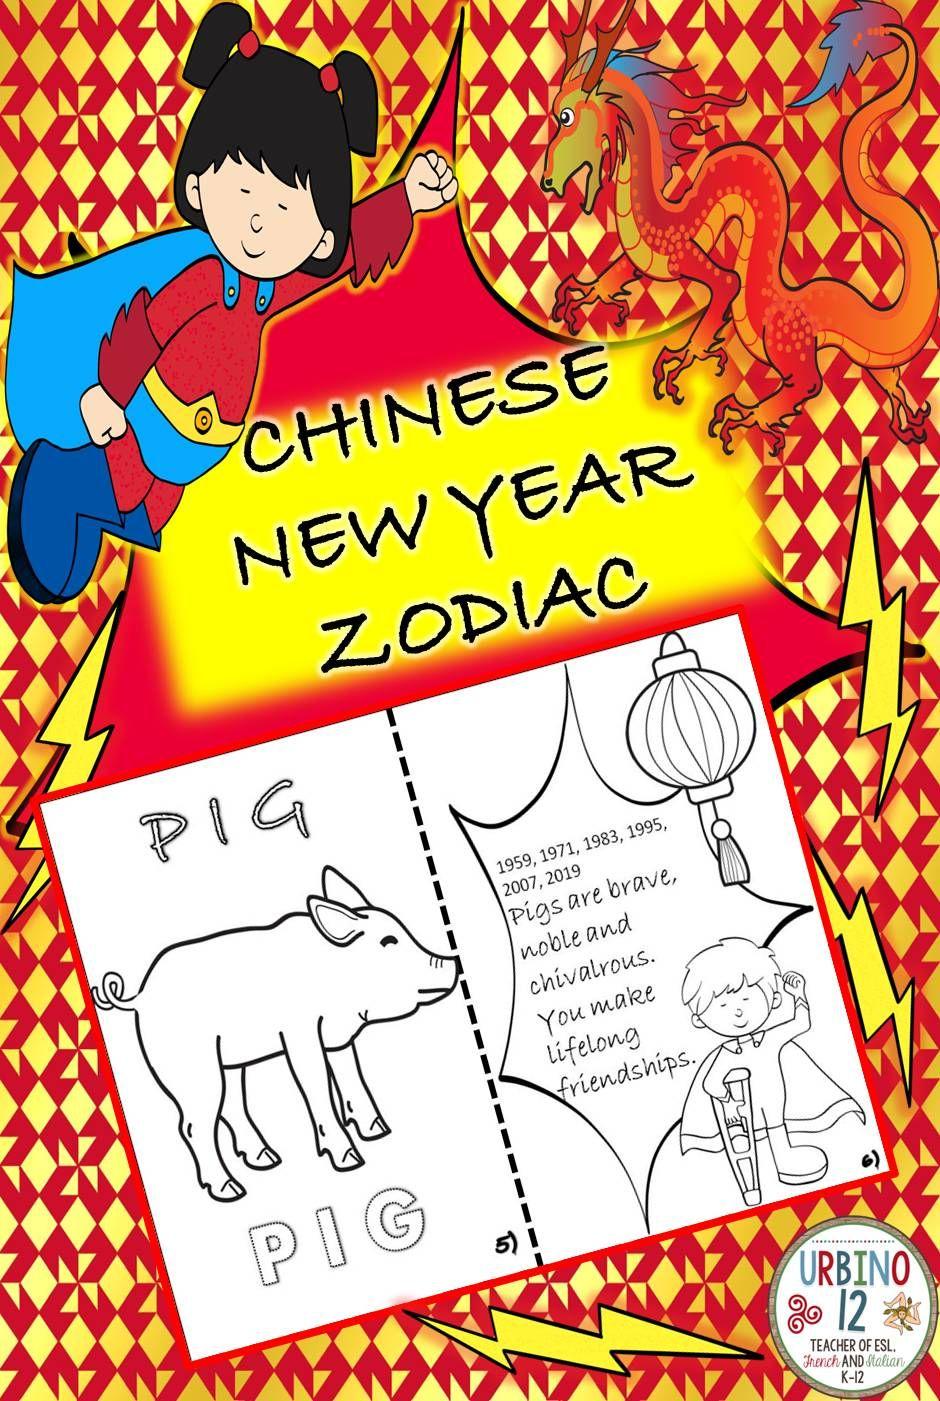 Lunar New Year Zodiac Chinese new year zodiac, Chinese